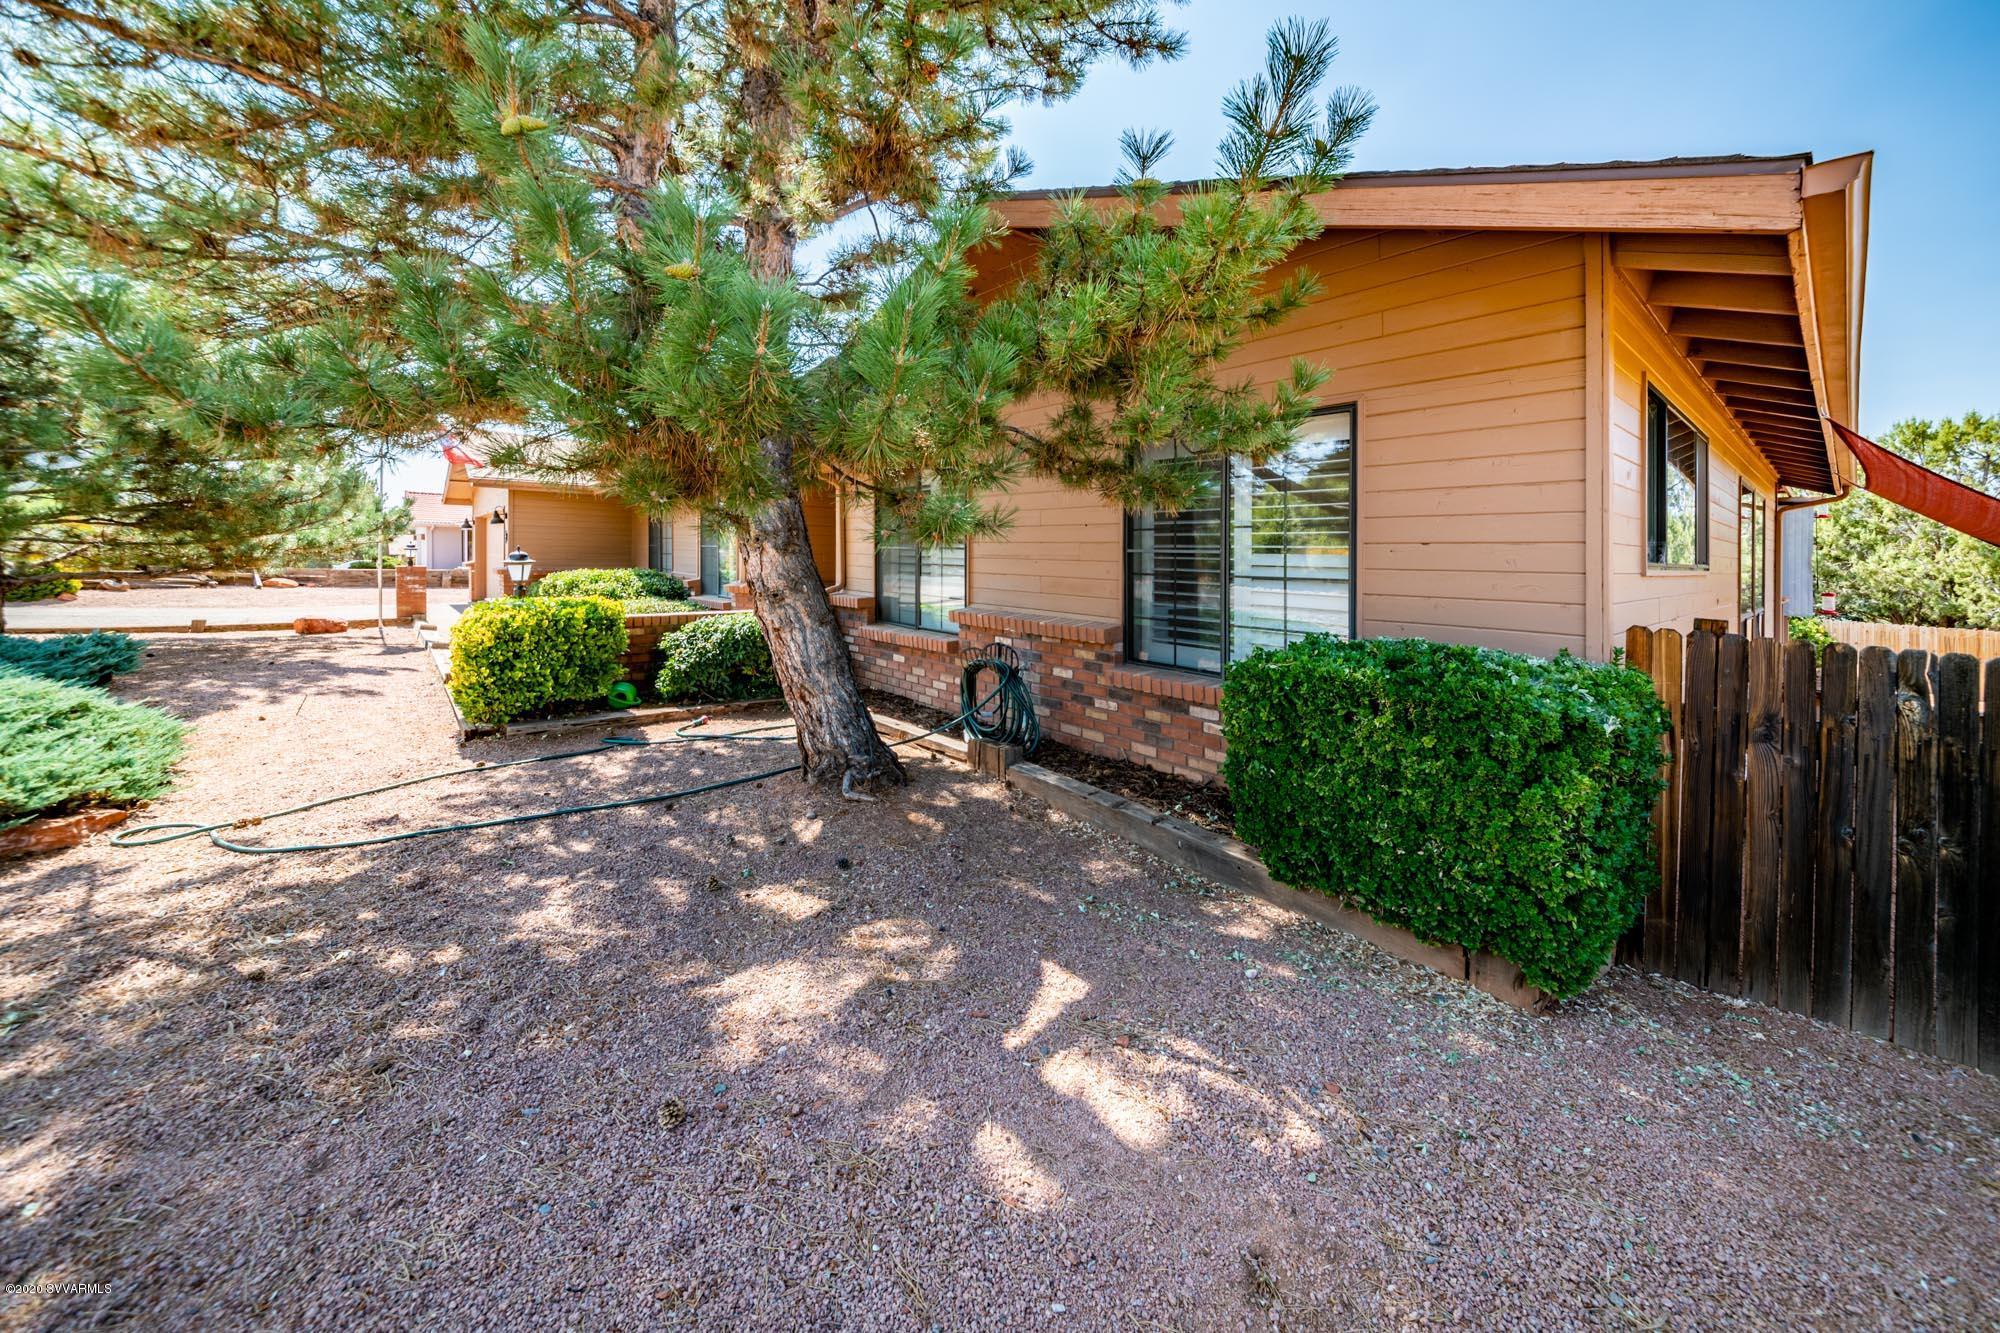 55 Stone Way Sedona, AZ 86351